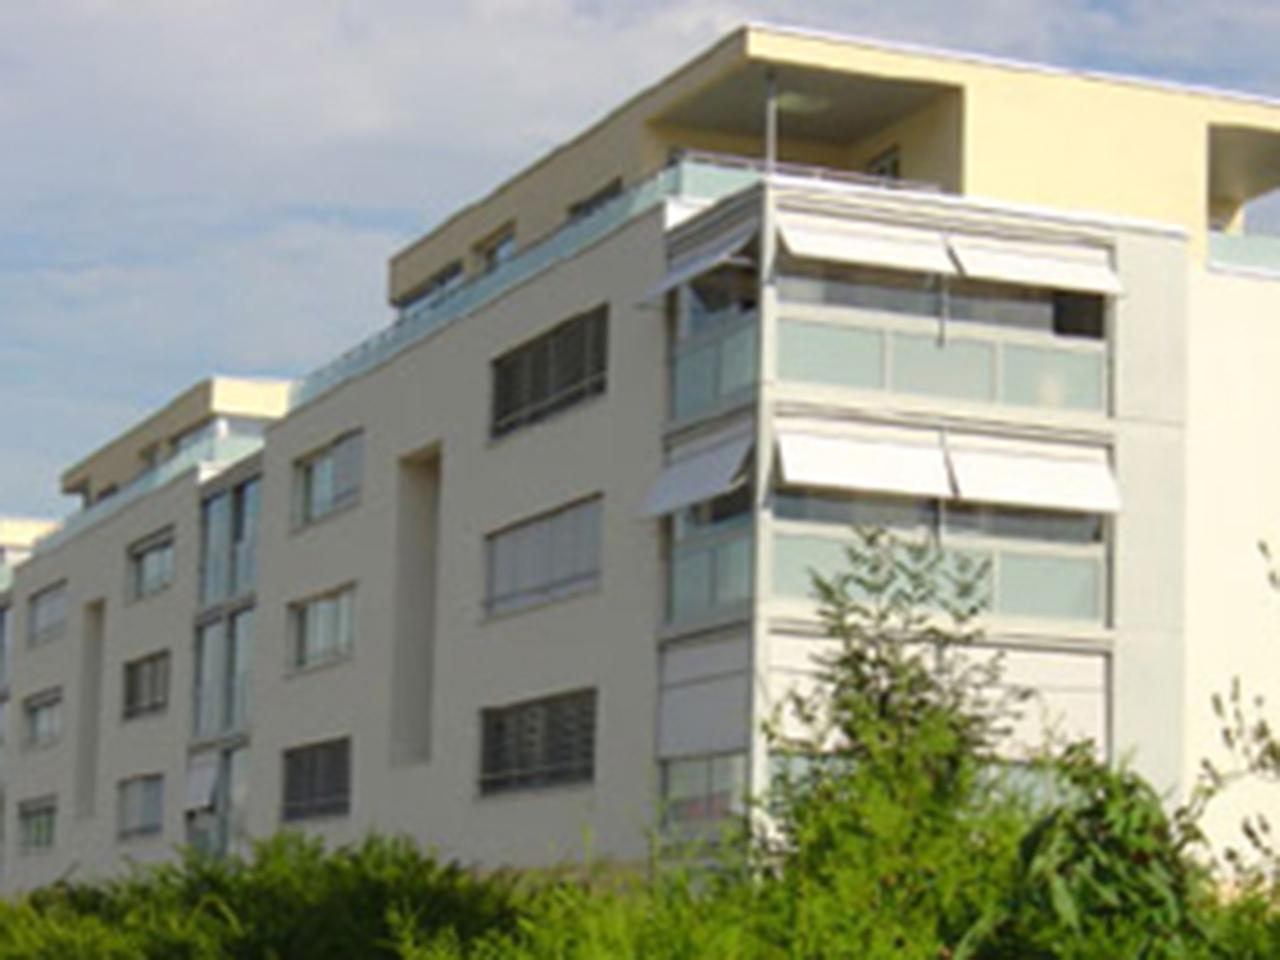 laubhus-immobilie-verkauf-tiefgaragenstellplatz-neuenhof